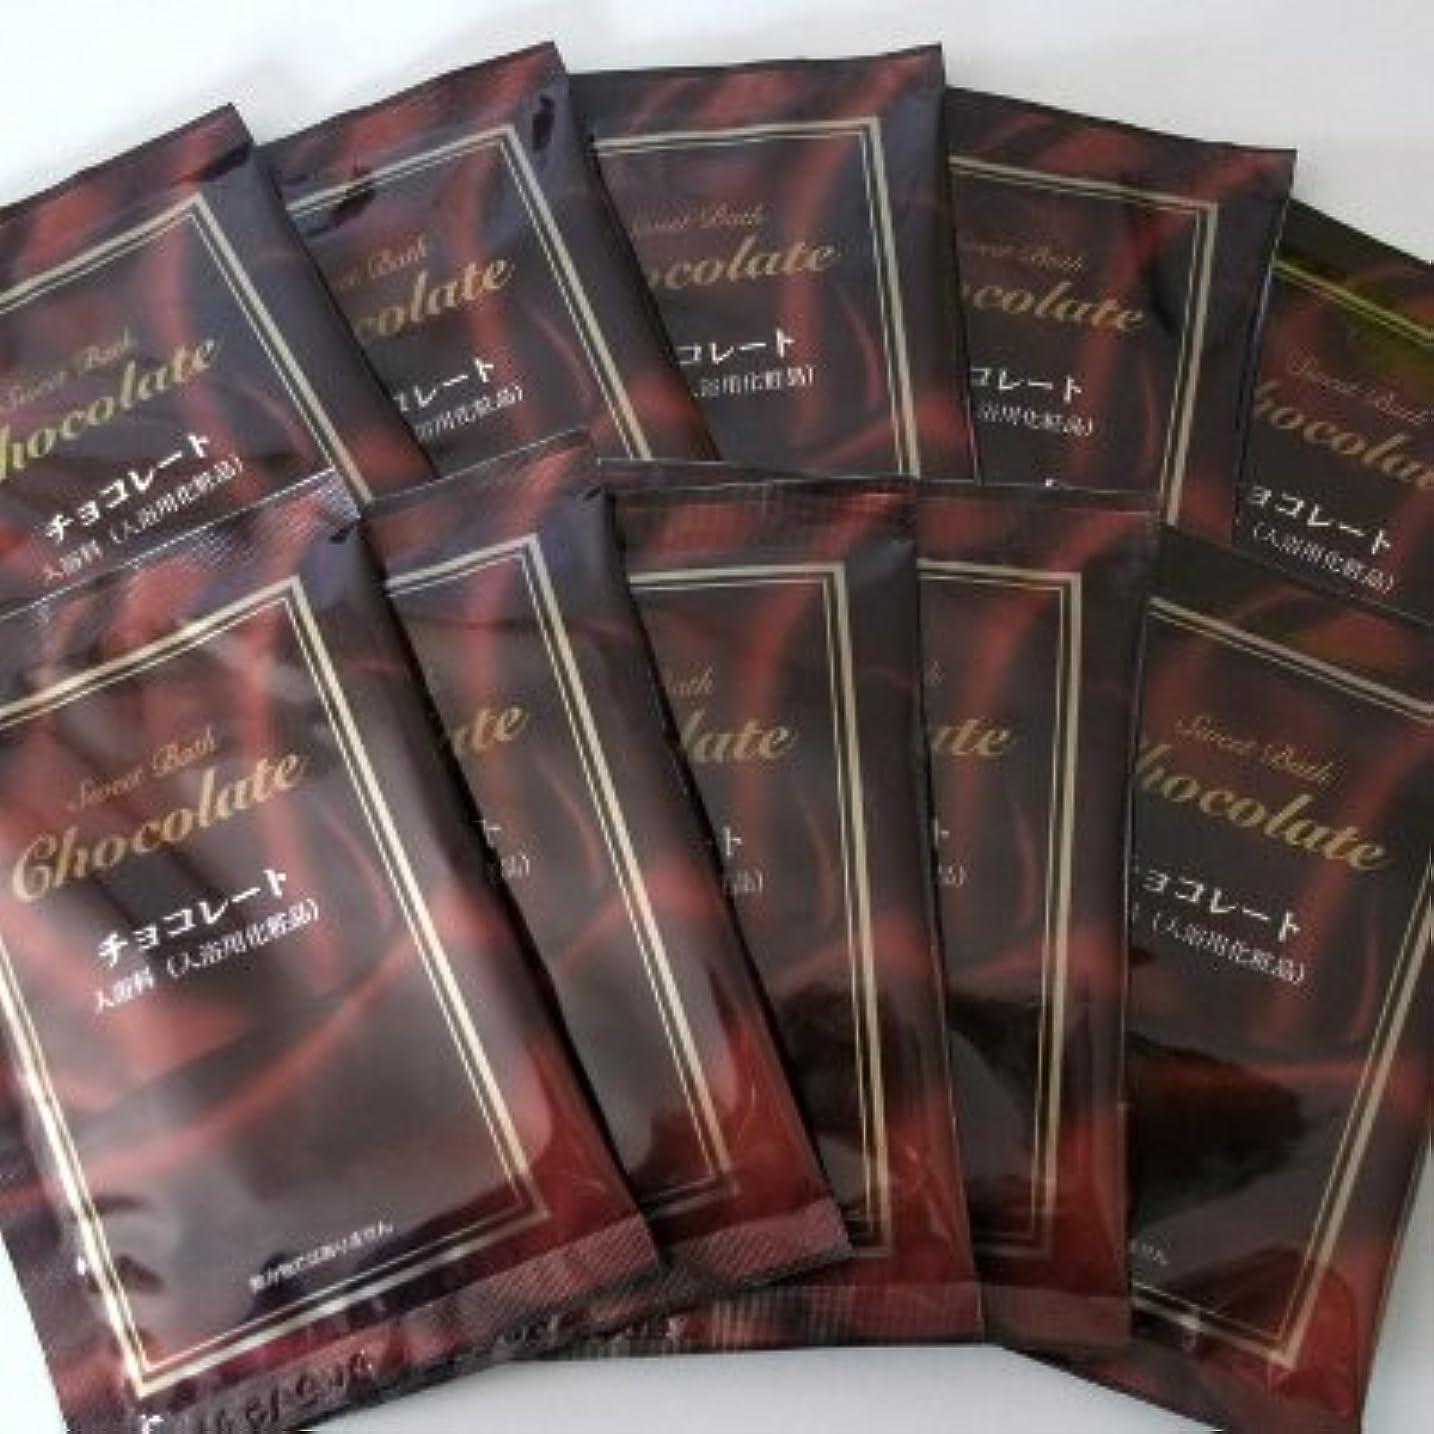 値するキルトただやるスイートバス チョコレートの香り 10包セット